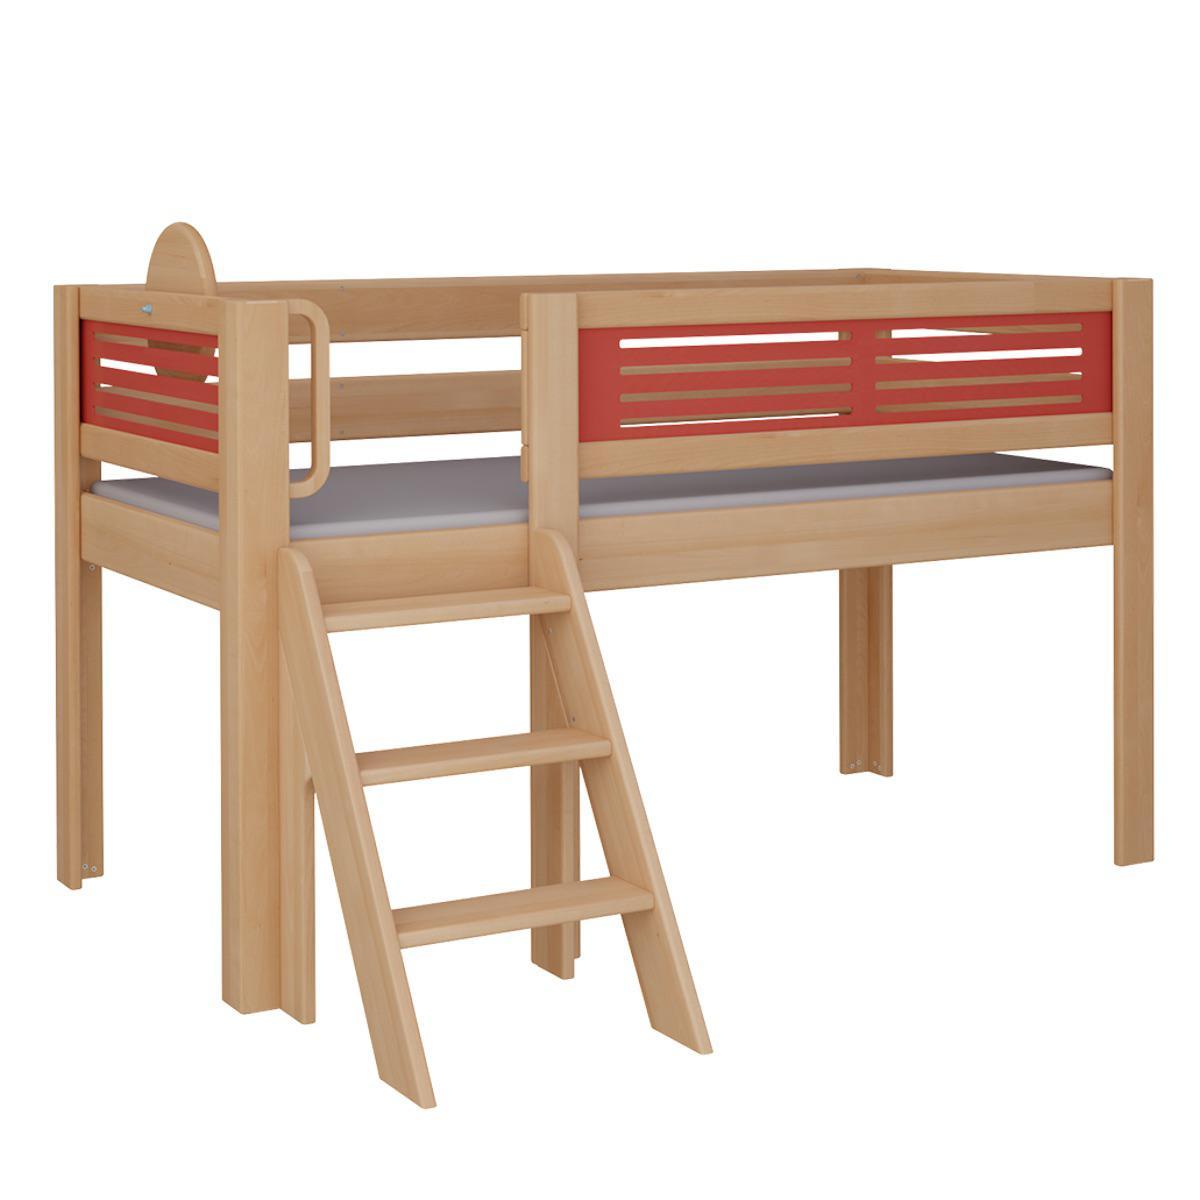 Tatü halbhohes Bett mit Treppe DELUXE De Breuyn natur geölt Füllungen rot